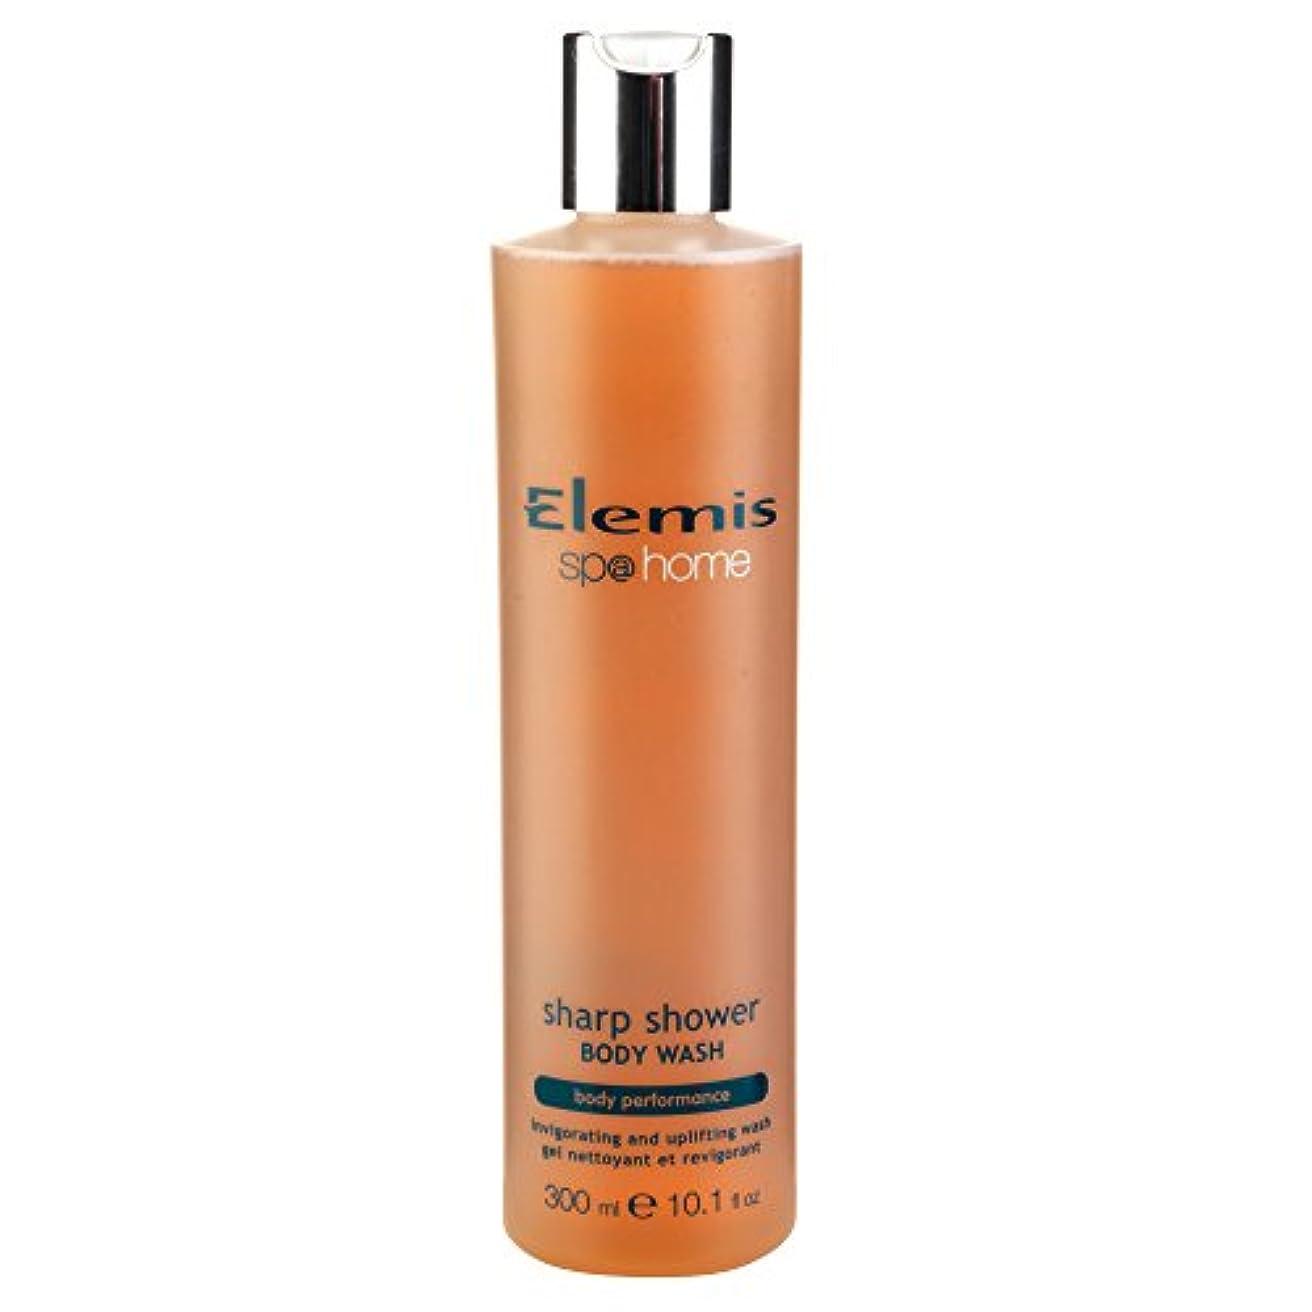 アイロニーあなたが良くなりますストレスの多いエレミスシャープシャワーボディウォッシュ300ミリリットル (Elemis) - Elemis Sharp Shower Body Wash 300ml [並行輸入品]